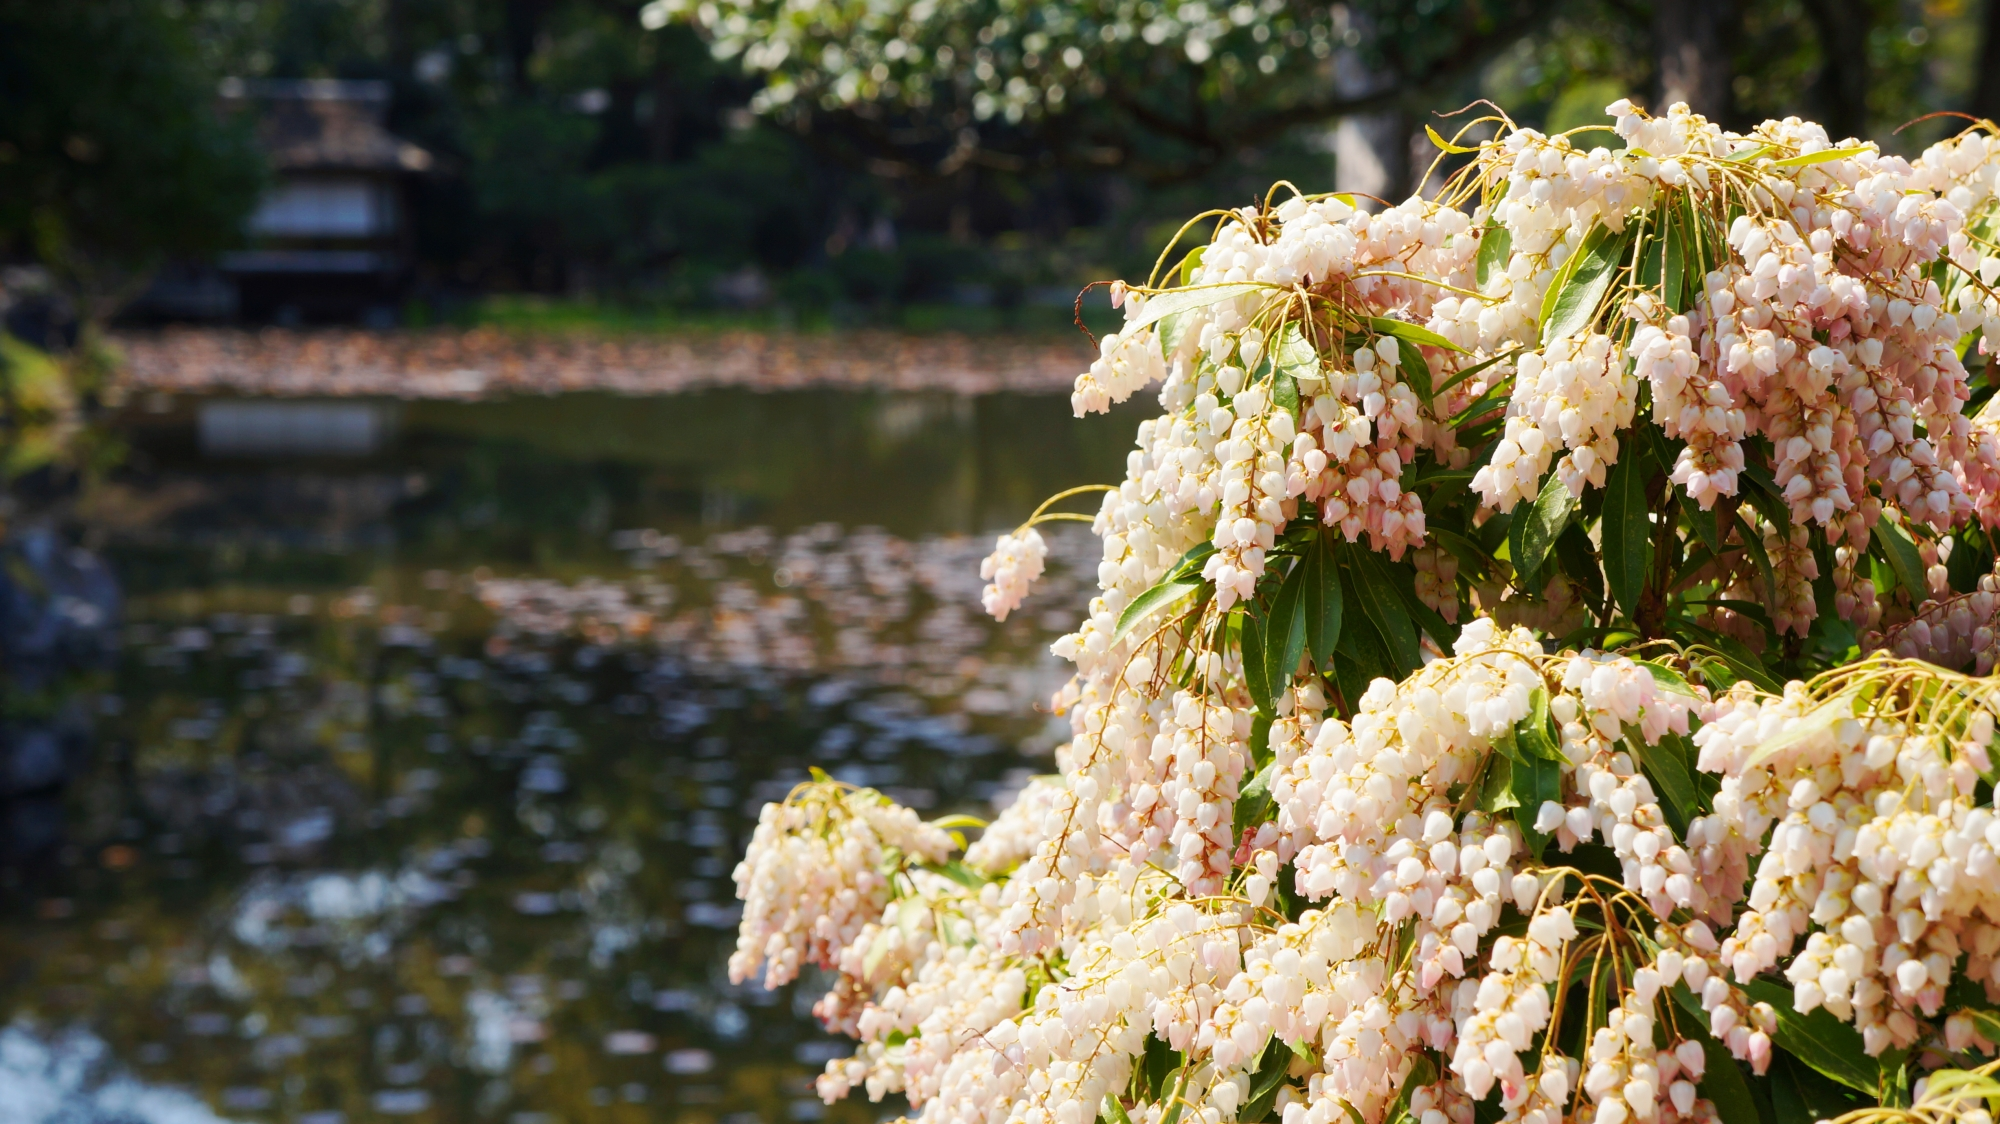 印月池を彩る溢れんばかりのアセビの花